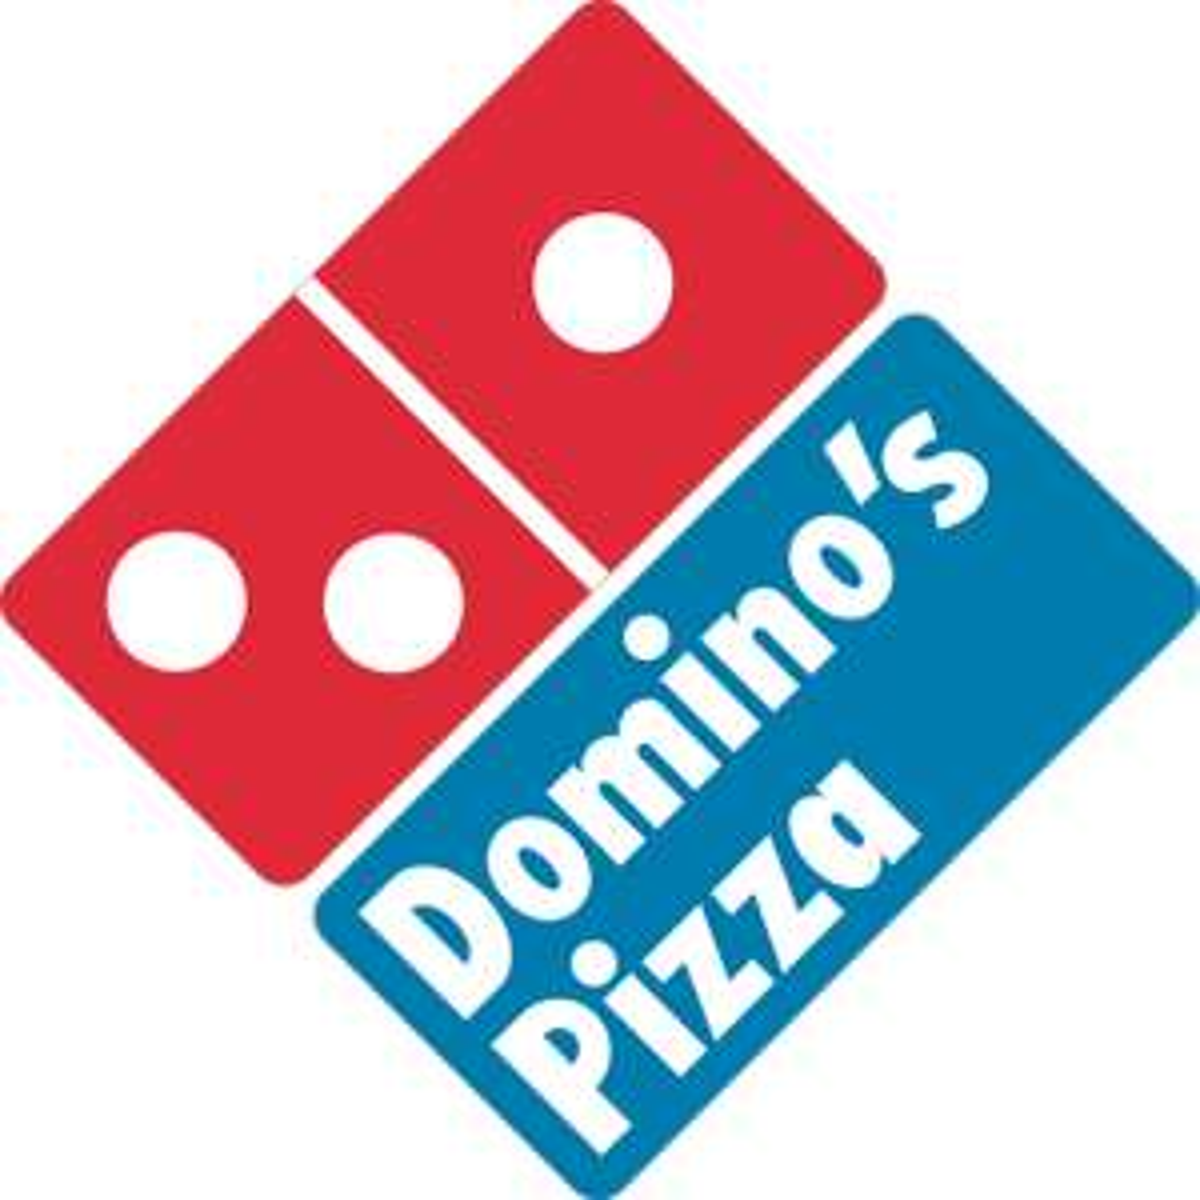 Druga pizza Gratis w Dominos Pizza. Ogólnopolska